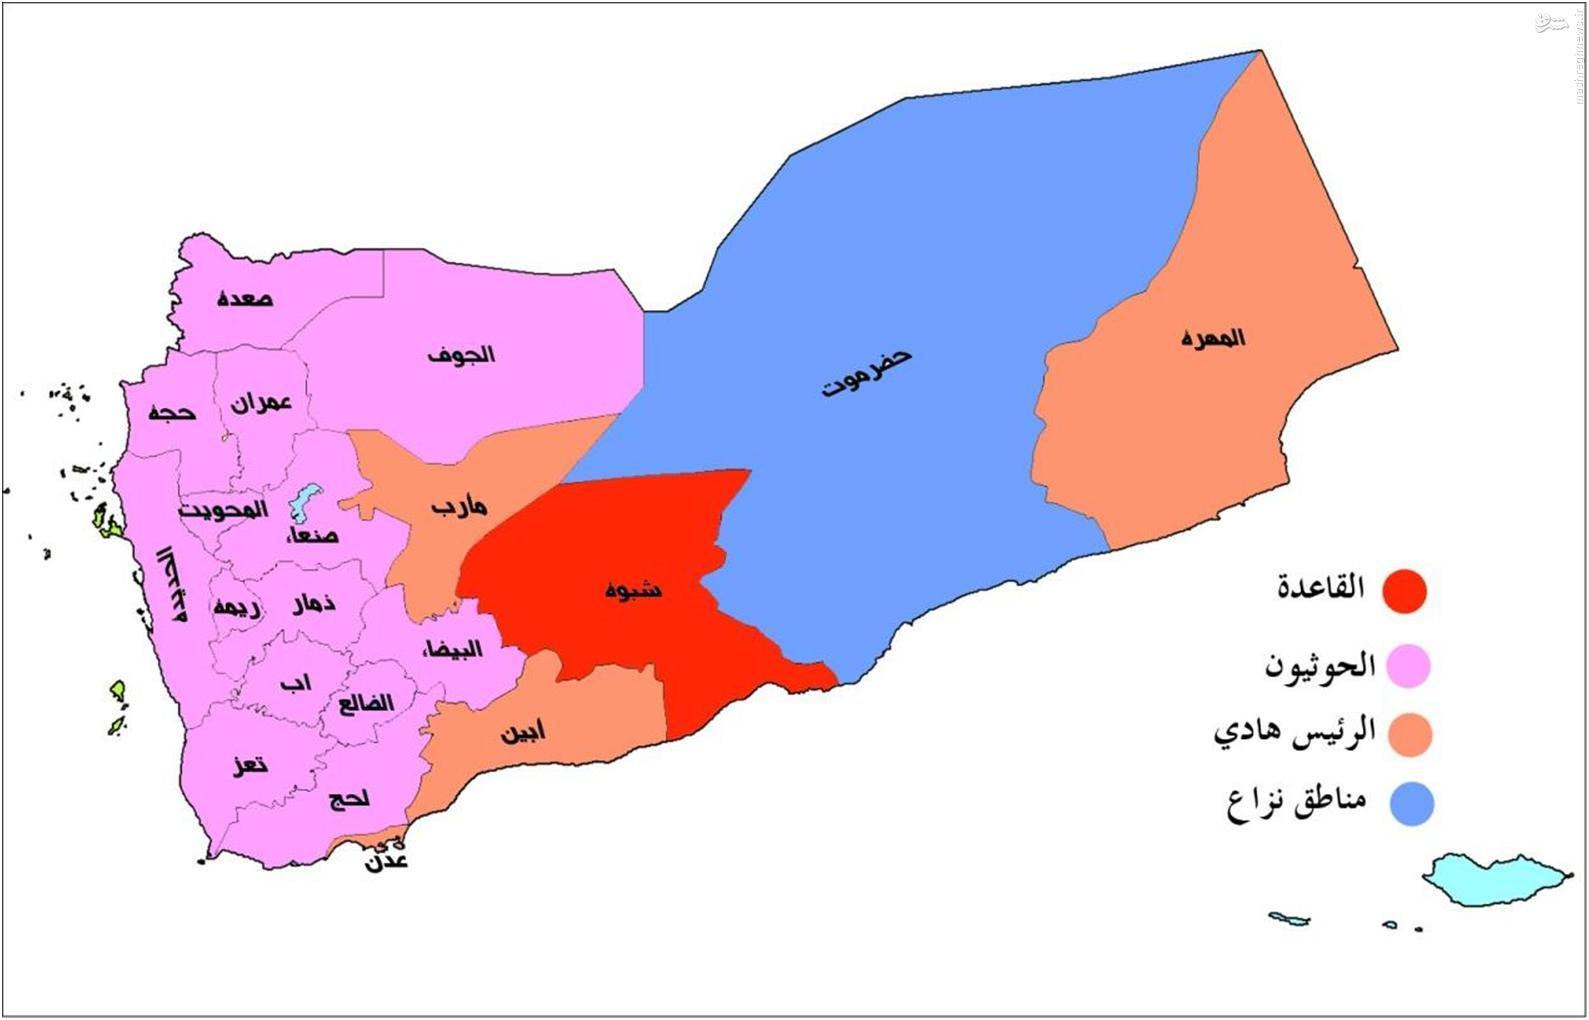 هرآنچه لازم است، درباره پراکندگی و انتشار نظامی نیروها در یمن بدانید و مناطق نفوذ هریک از آنها